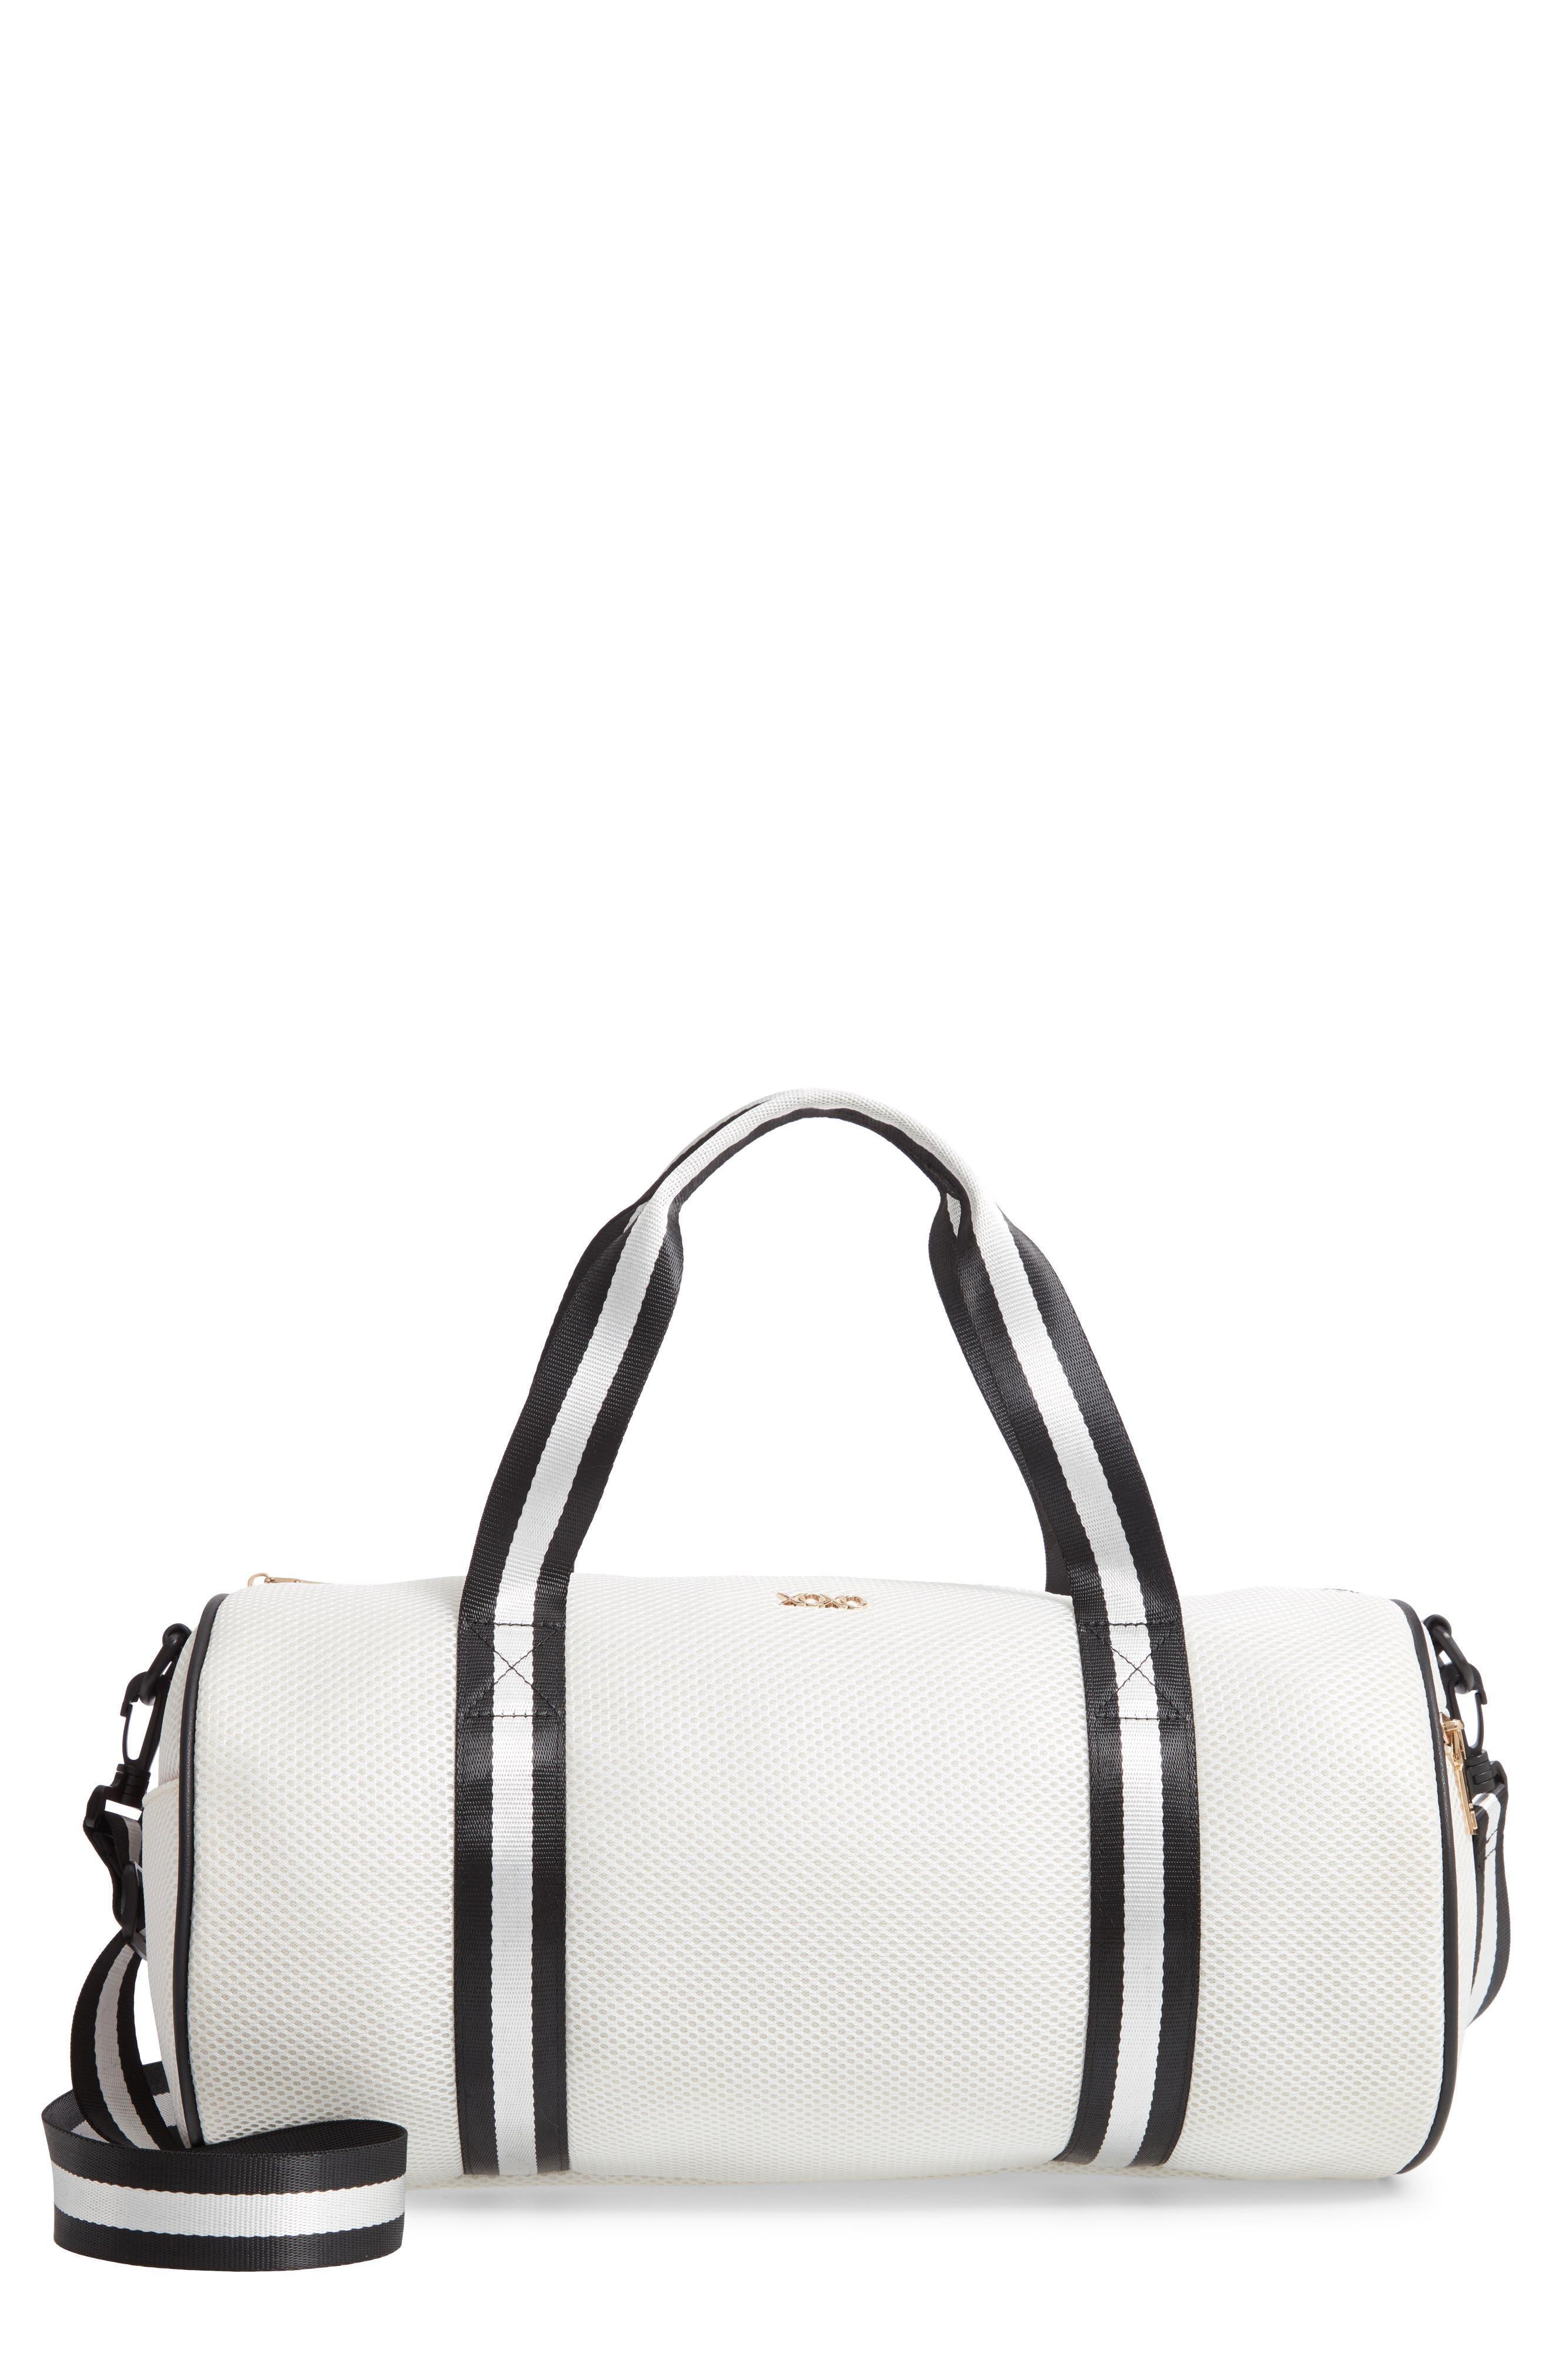 YOKI BAGS Mesh Duffle Bag, Main, color, WHITE MULTI